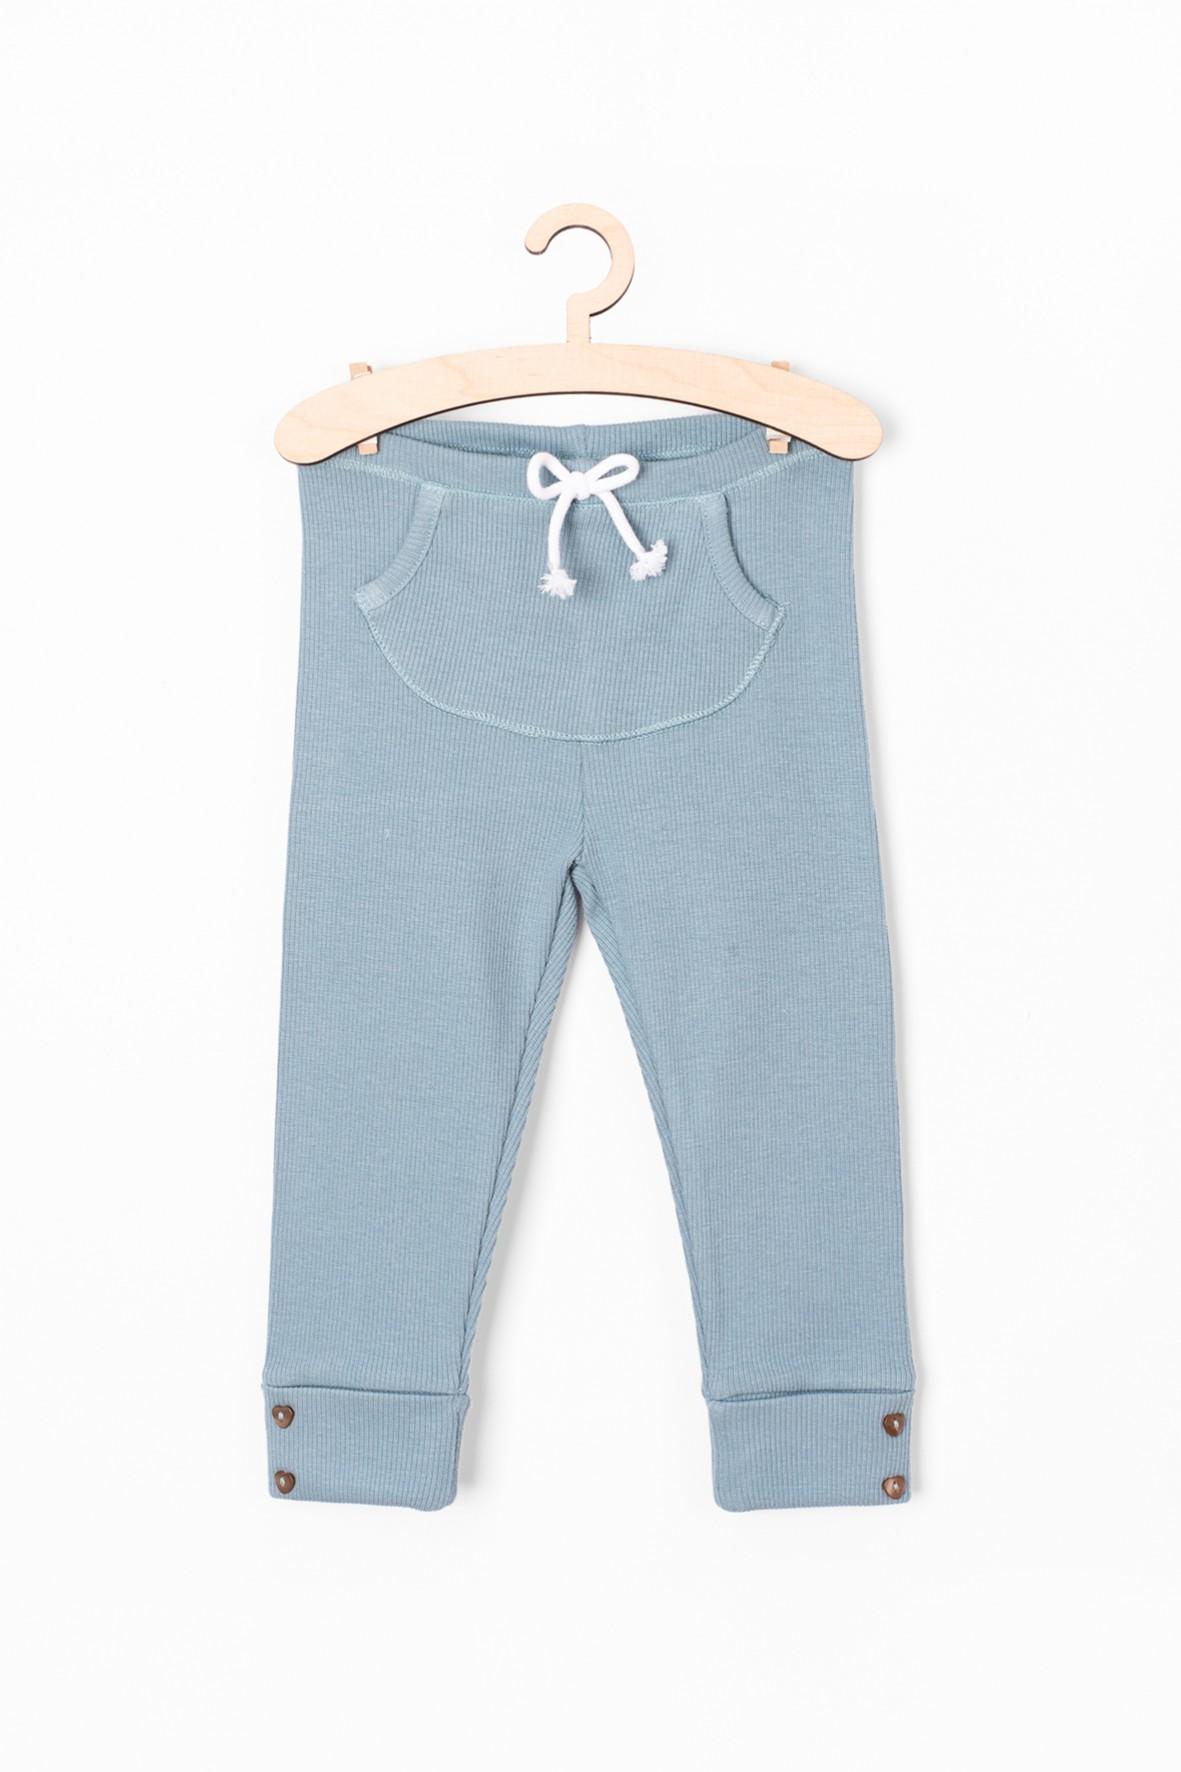 Leginsy dziewczęce niebieskie z kieszenią z przodu